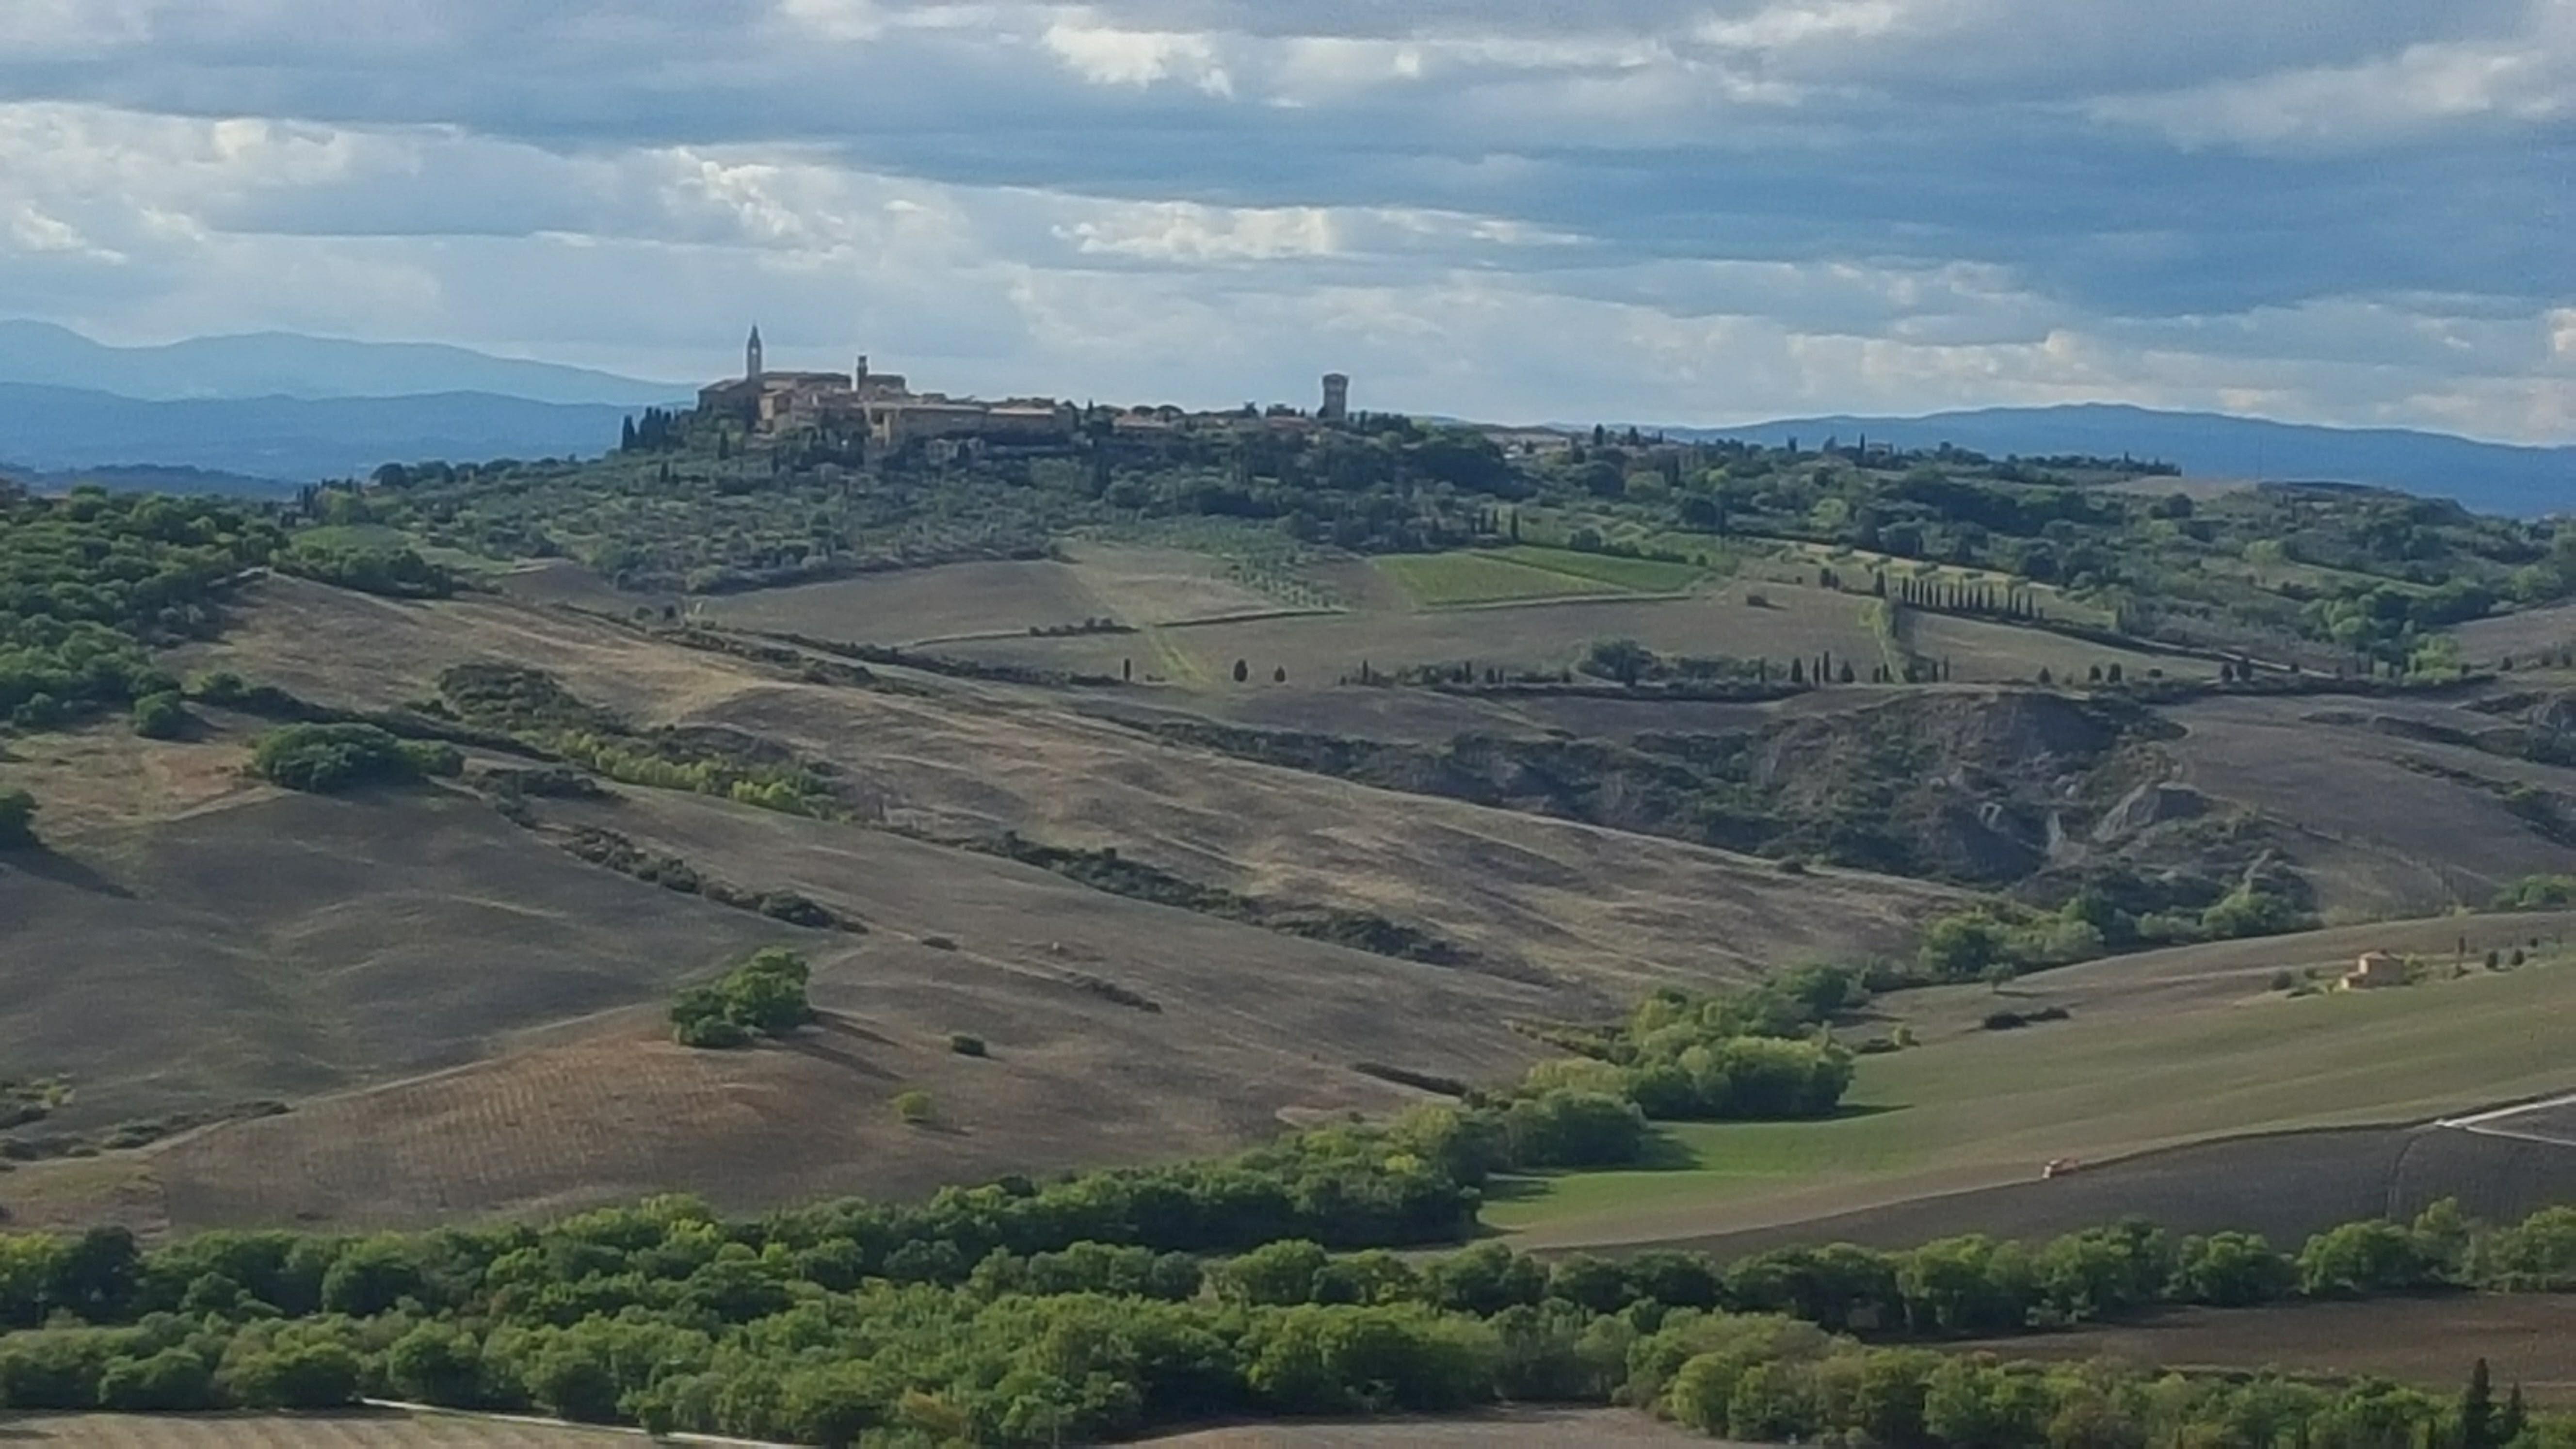 Italy photos by John 166